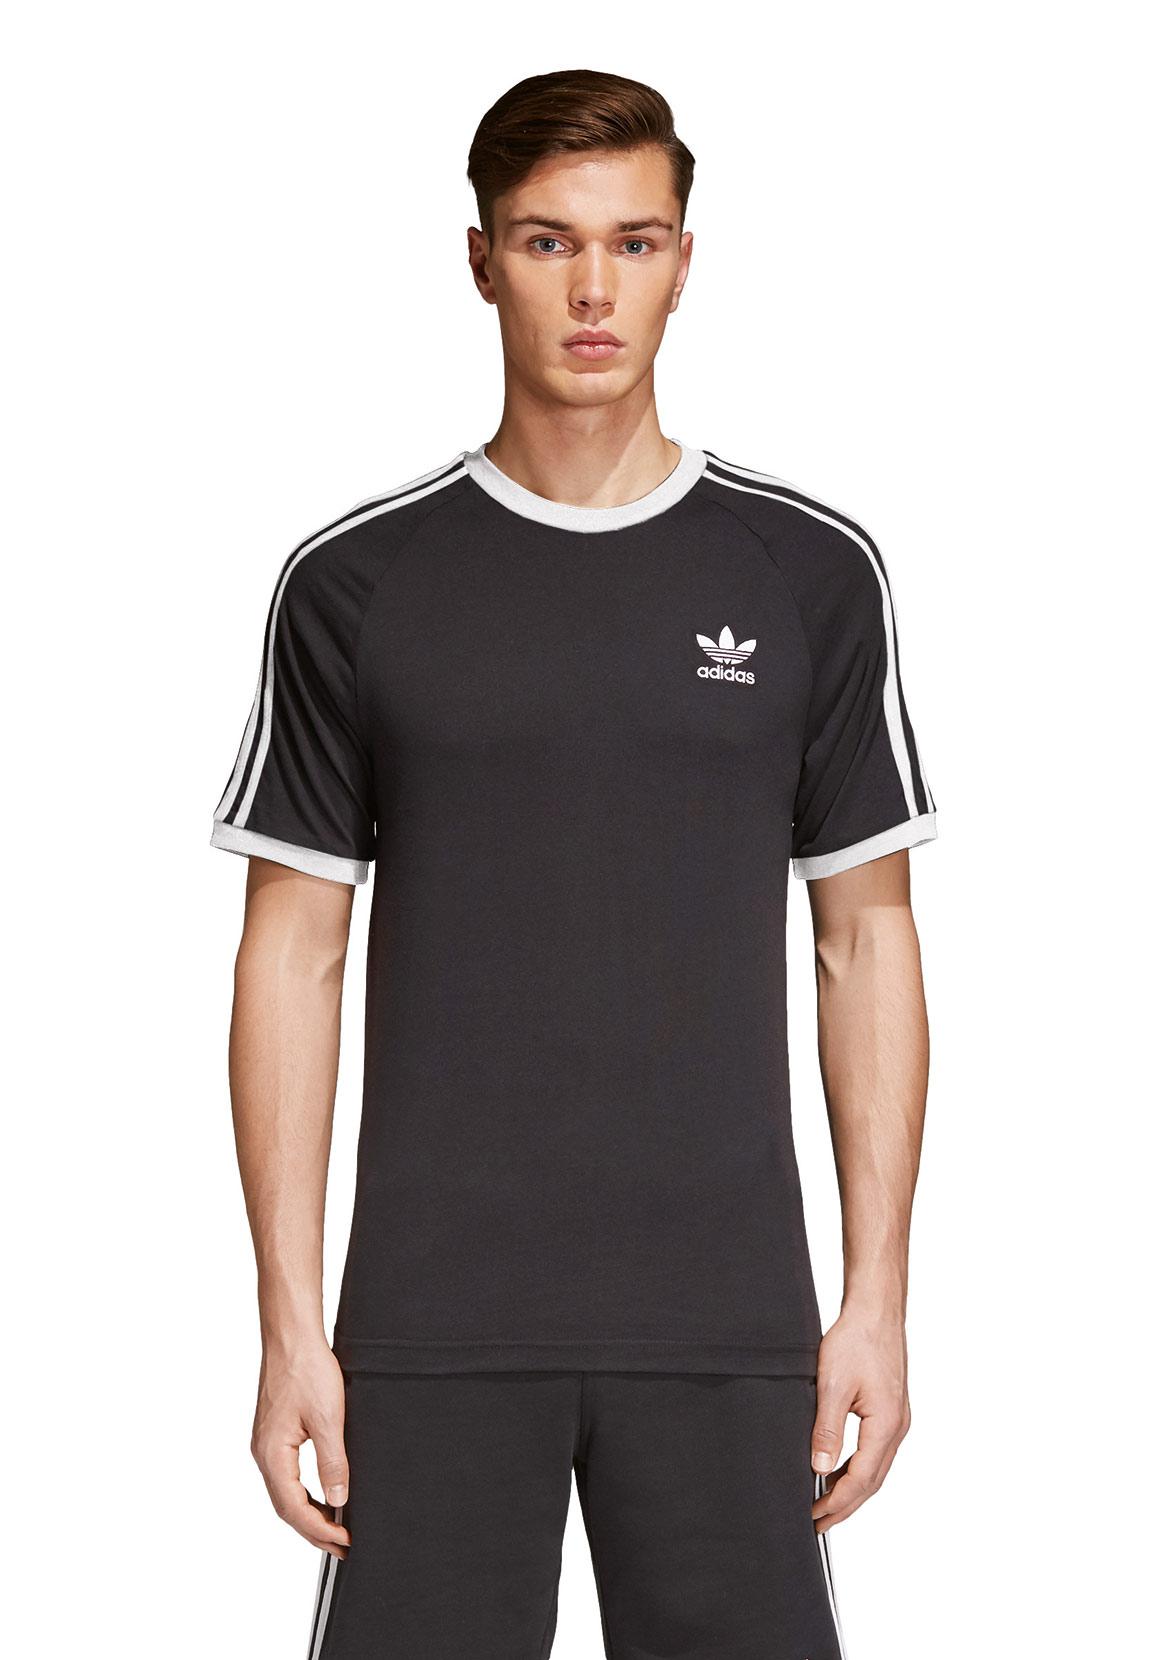 T 3 shirt Strepen Cw1202 Adidas Heren Zwart Tee Originals shdxQrCt